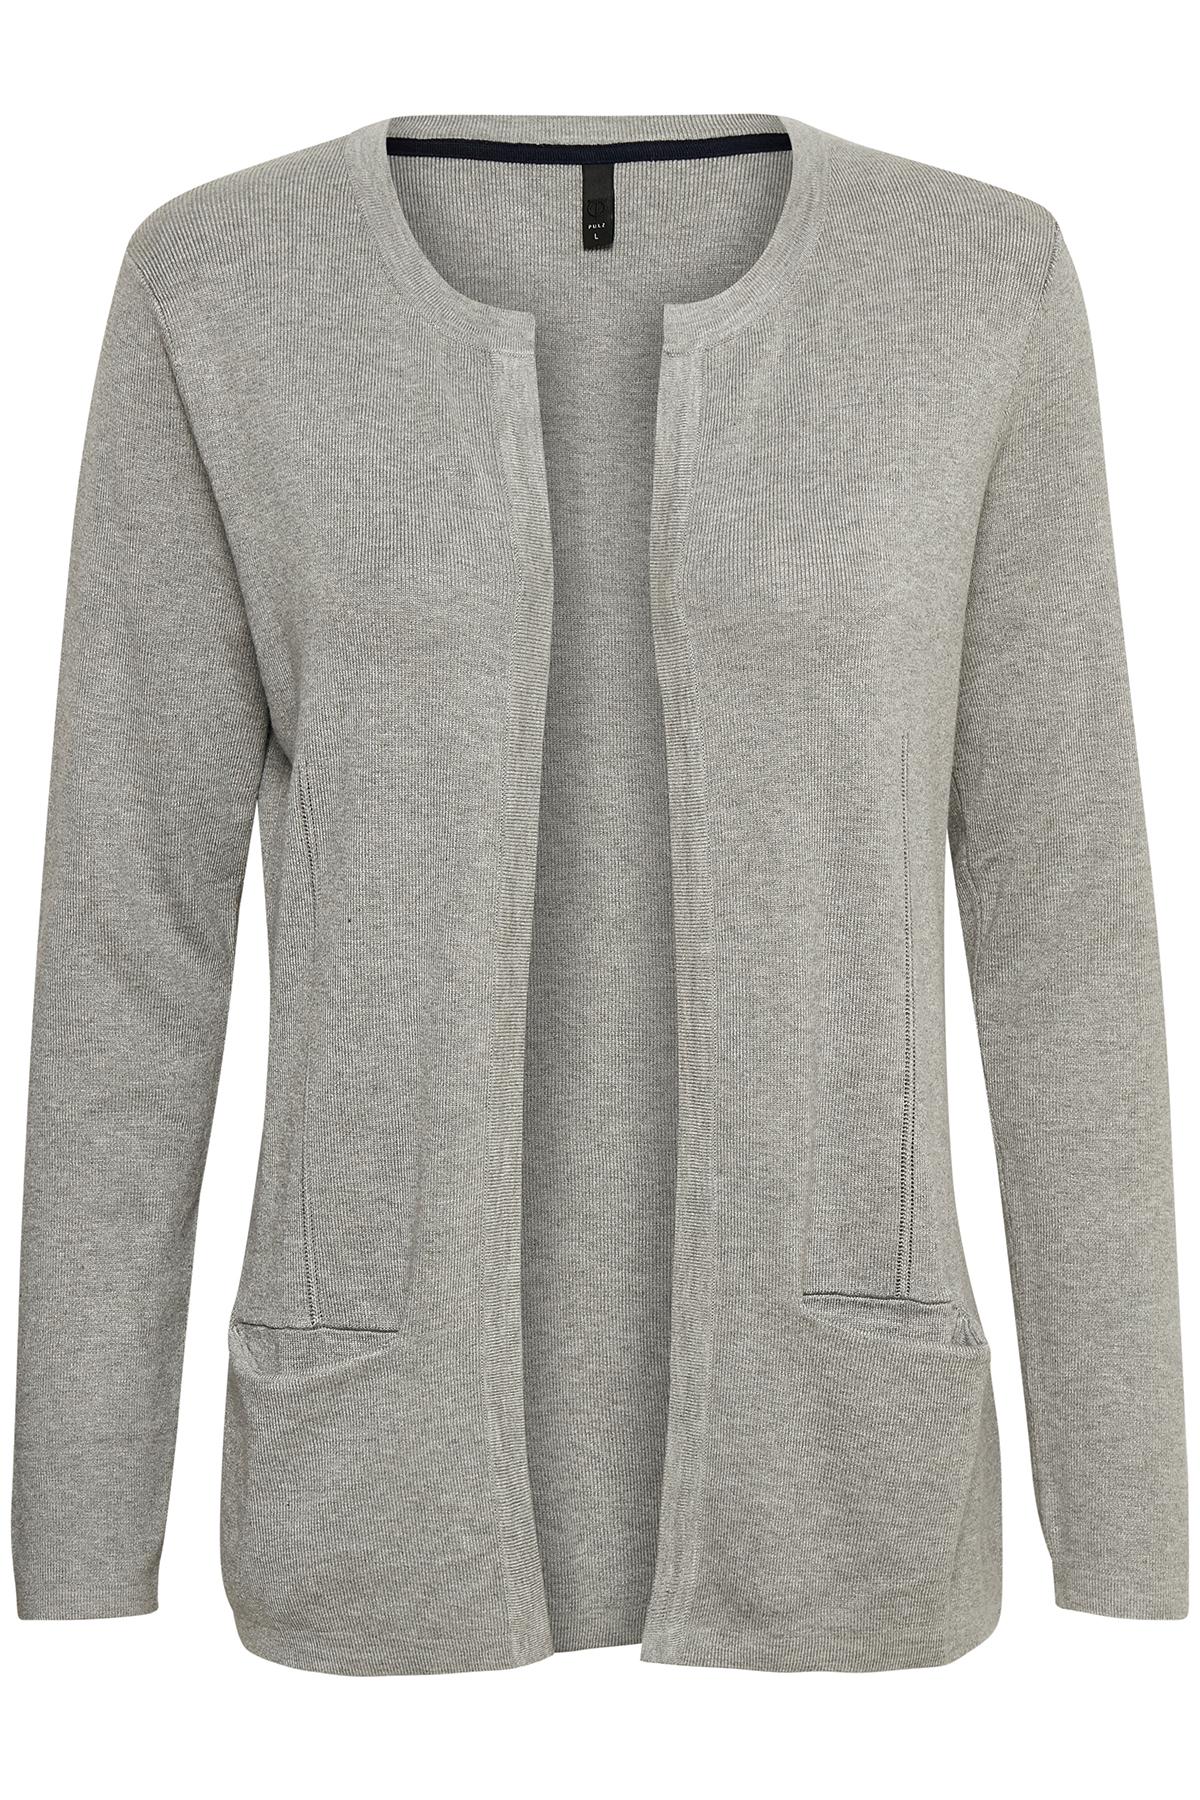 Lys gråmeleret Cardigan fra Pulz Jeans – Køb Lys gråmeleret Cardigan fra str. XS-XXL her